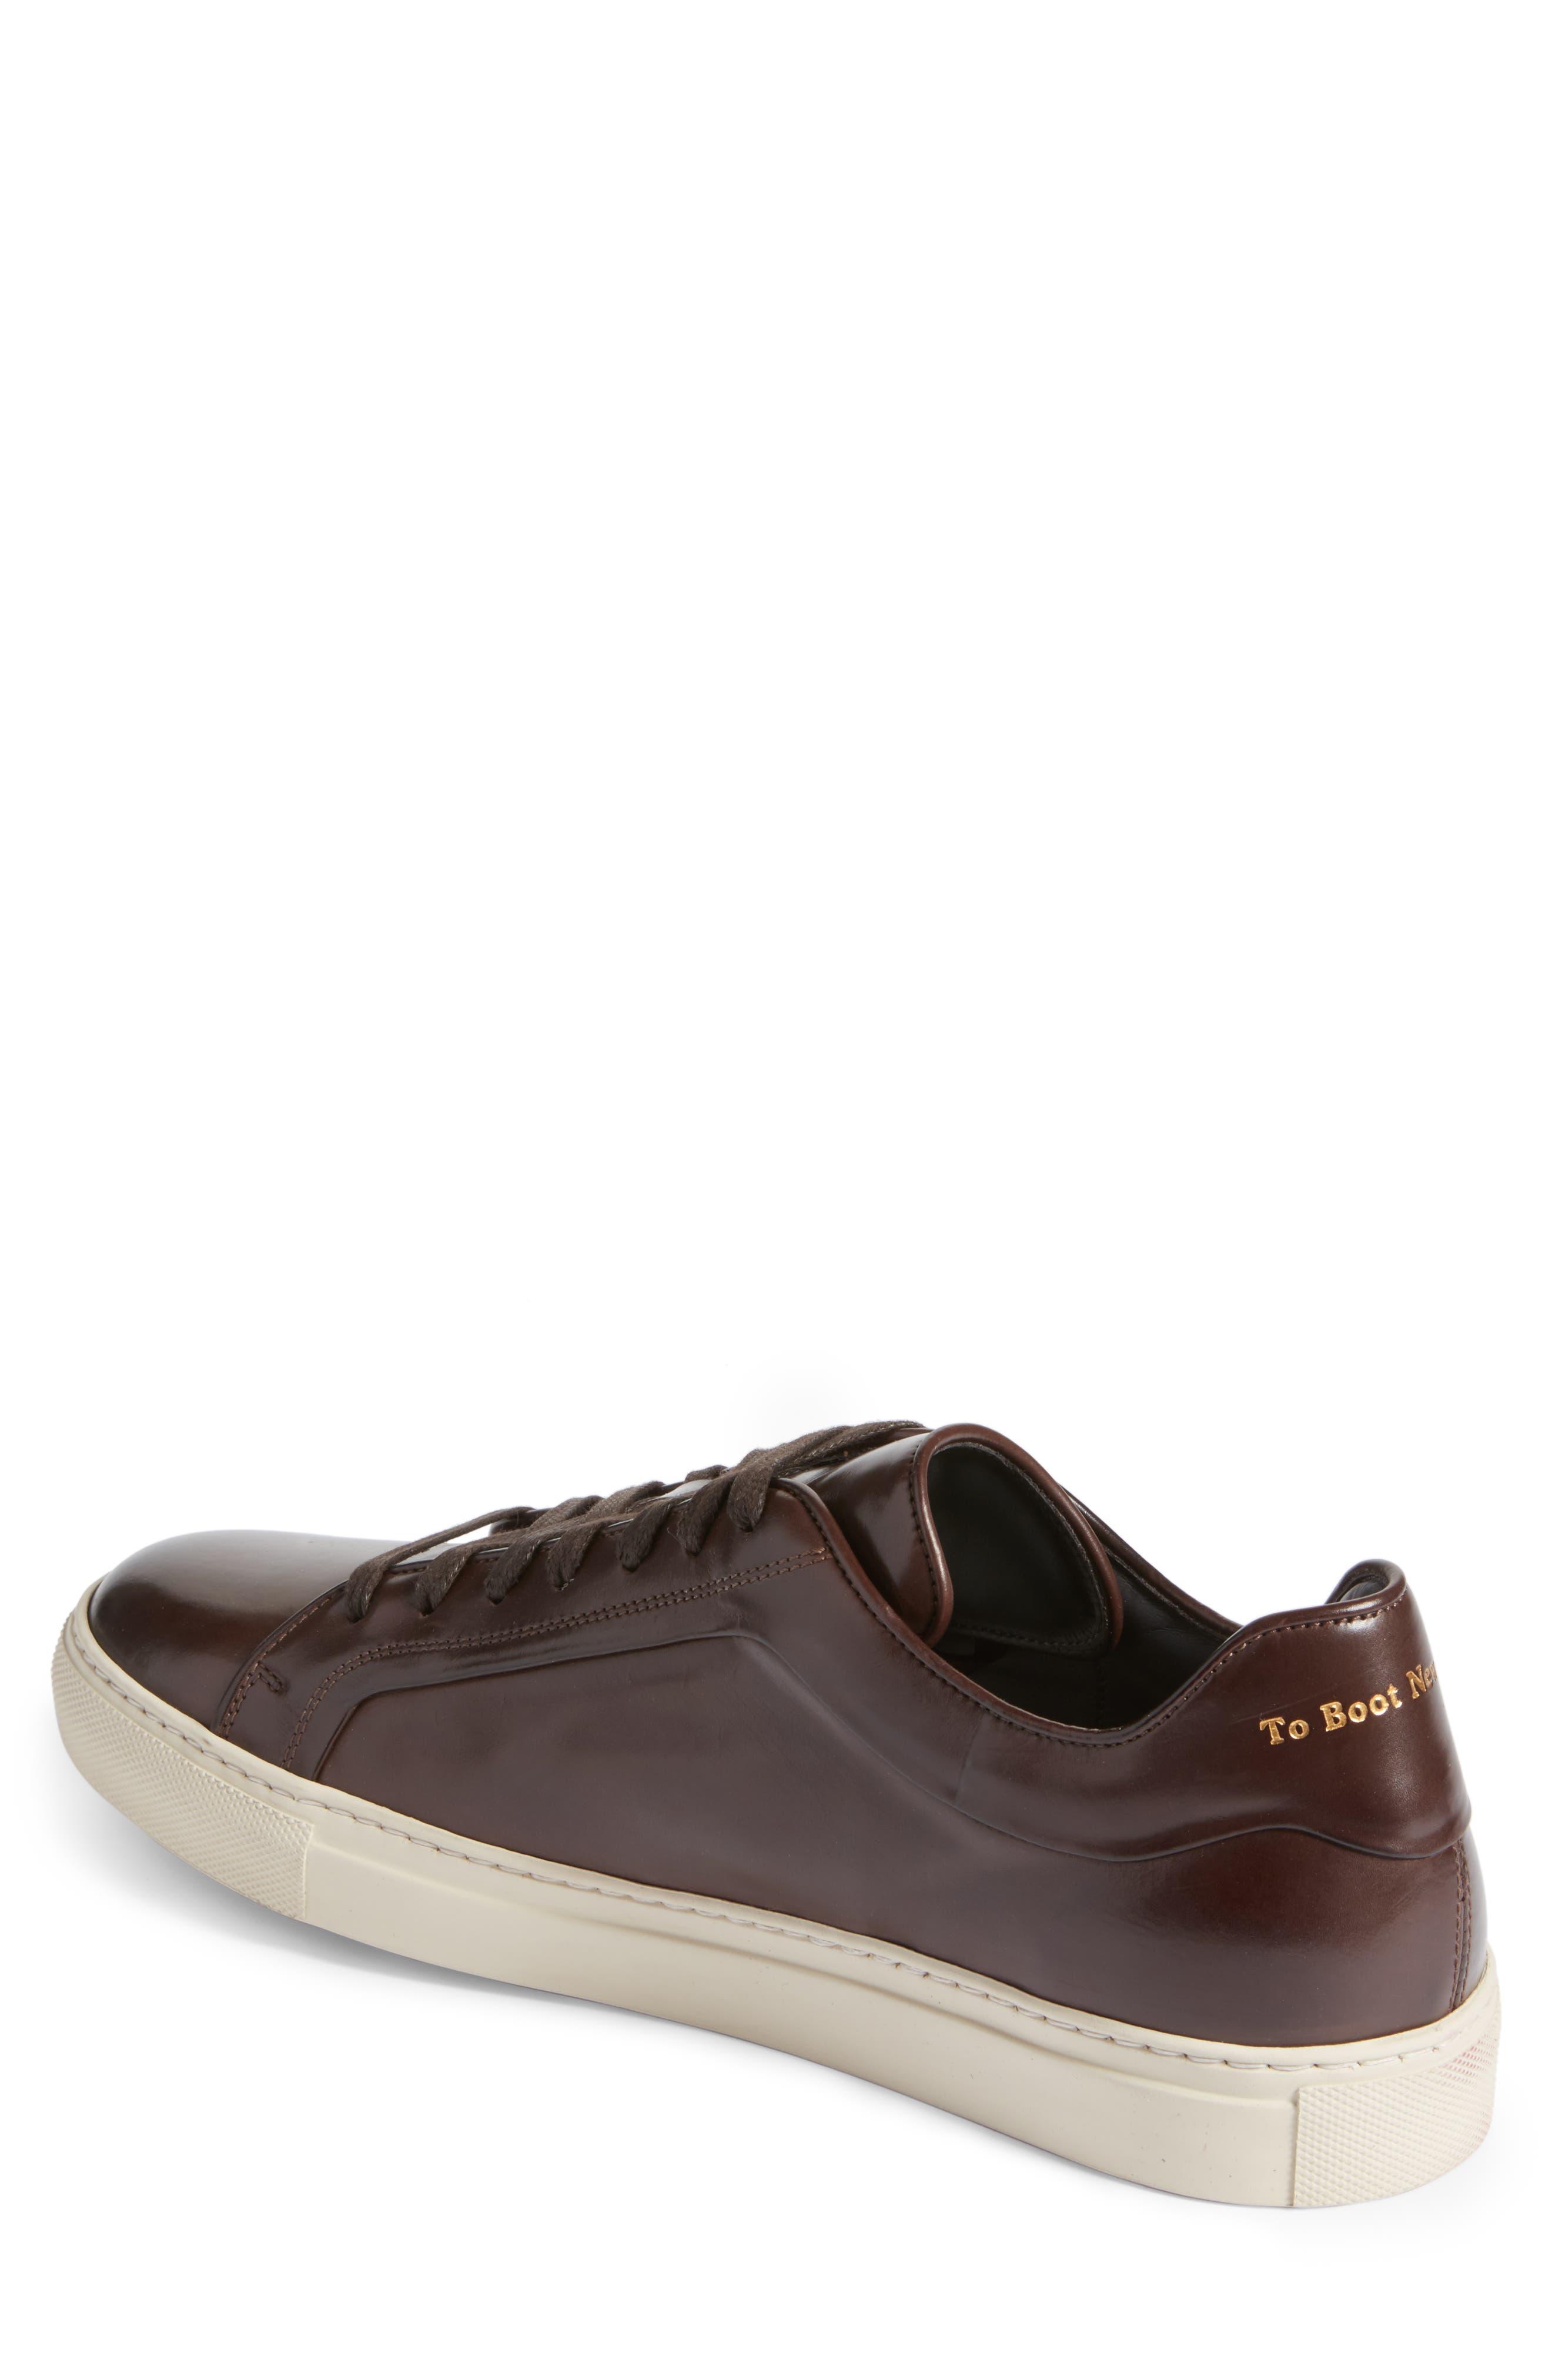 Marshall Sneaker,                             Alternate thumbnail 16, color,